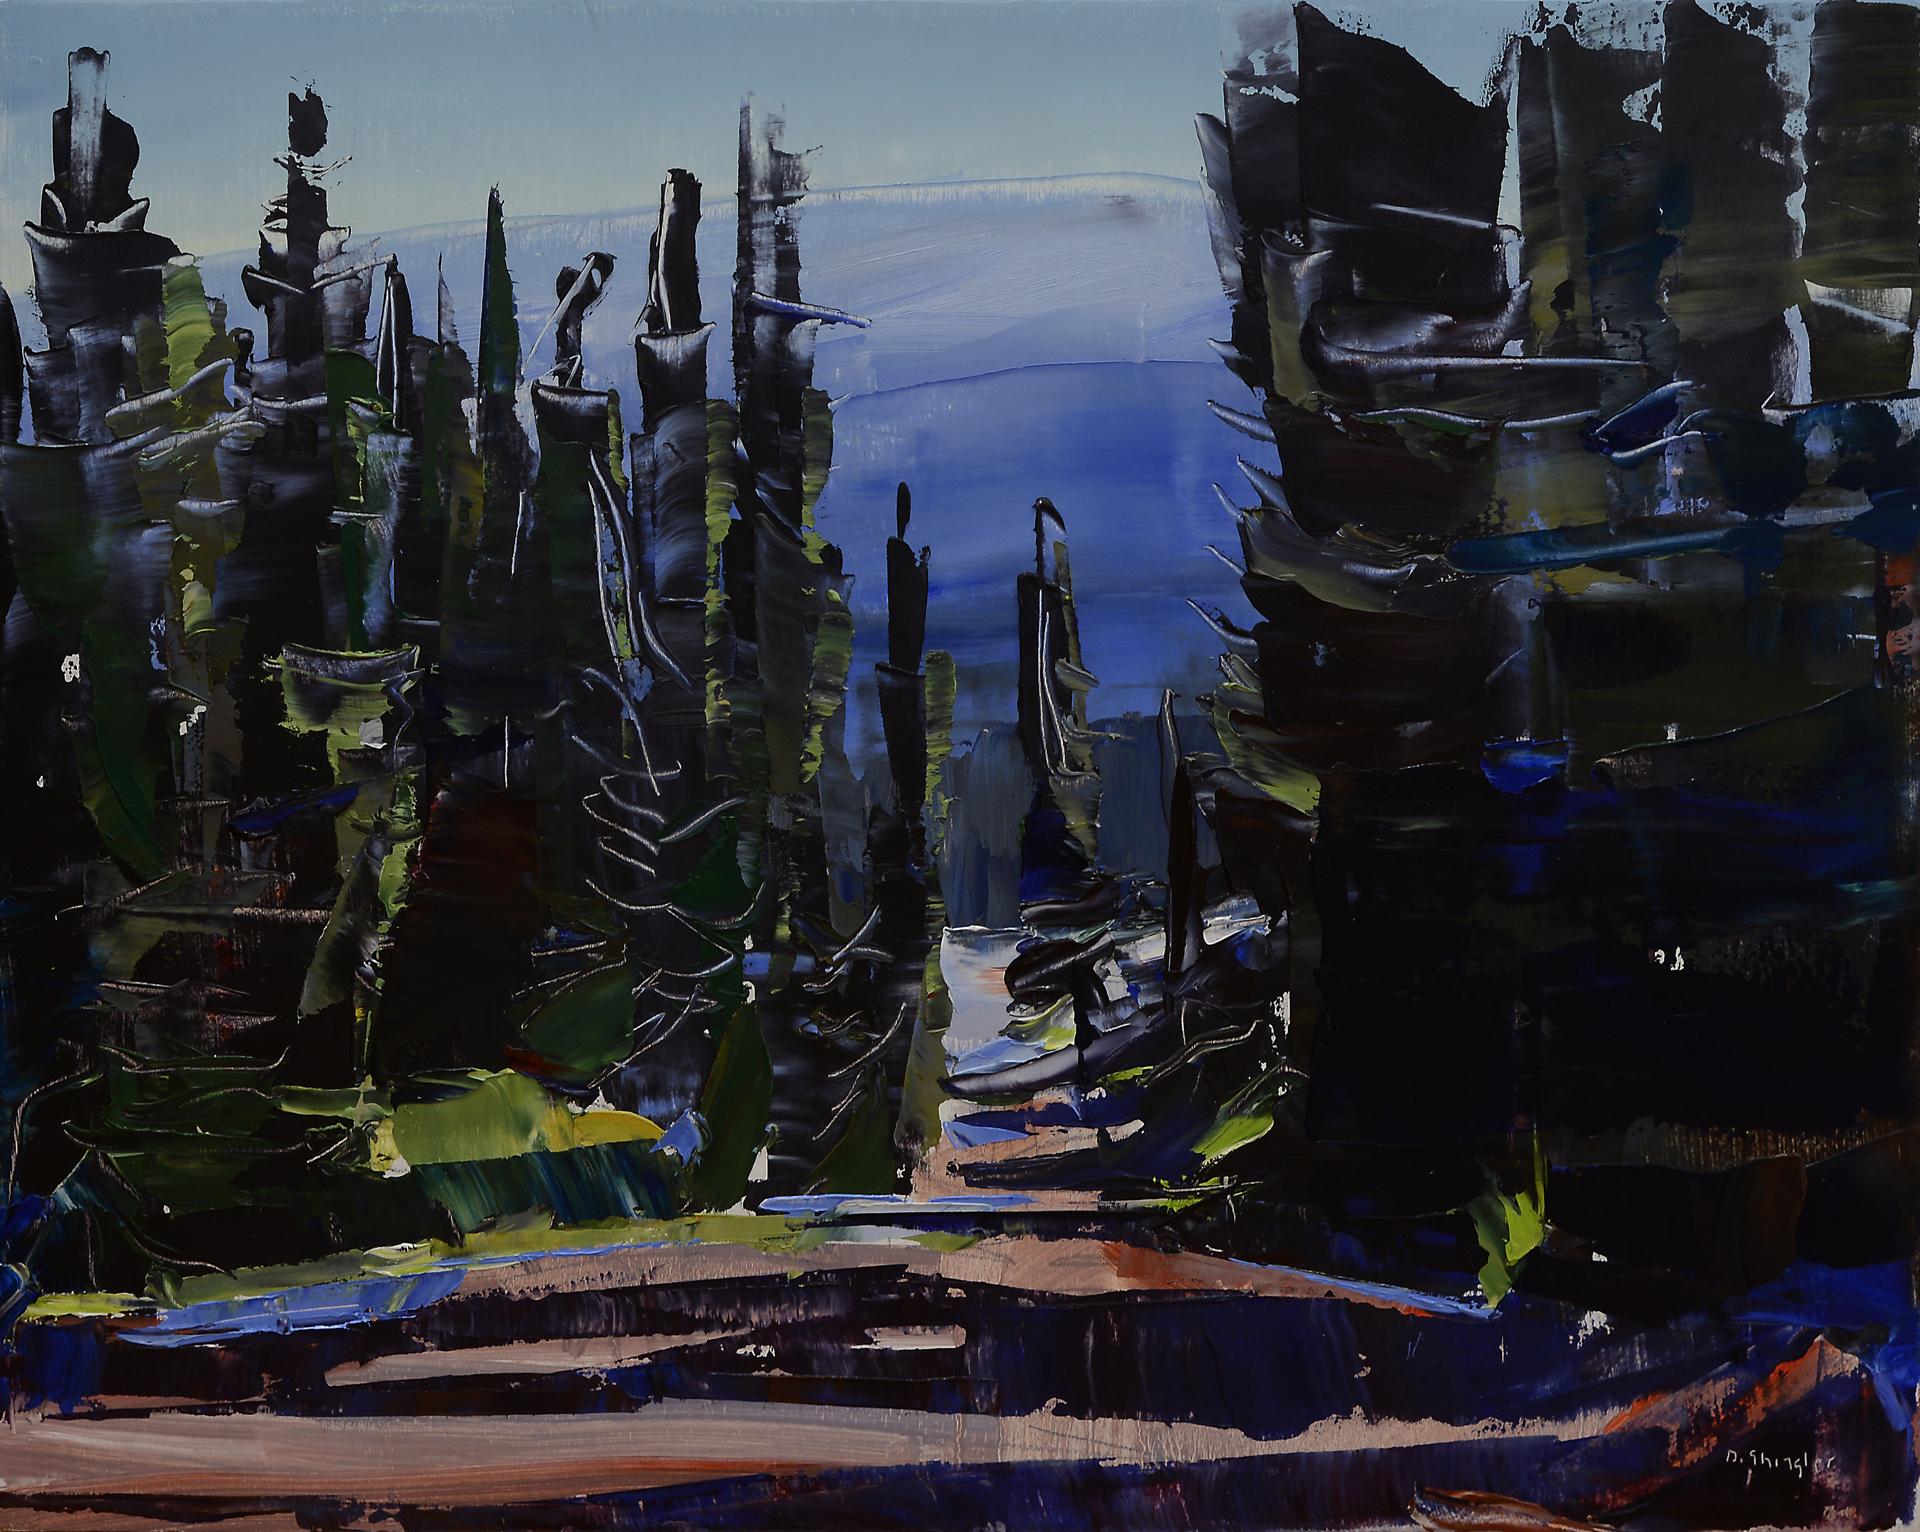 Guanella Pass by David Shingler